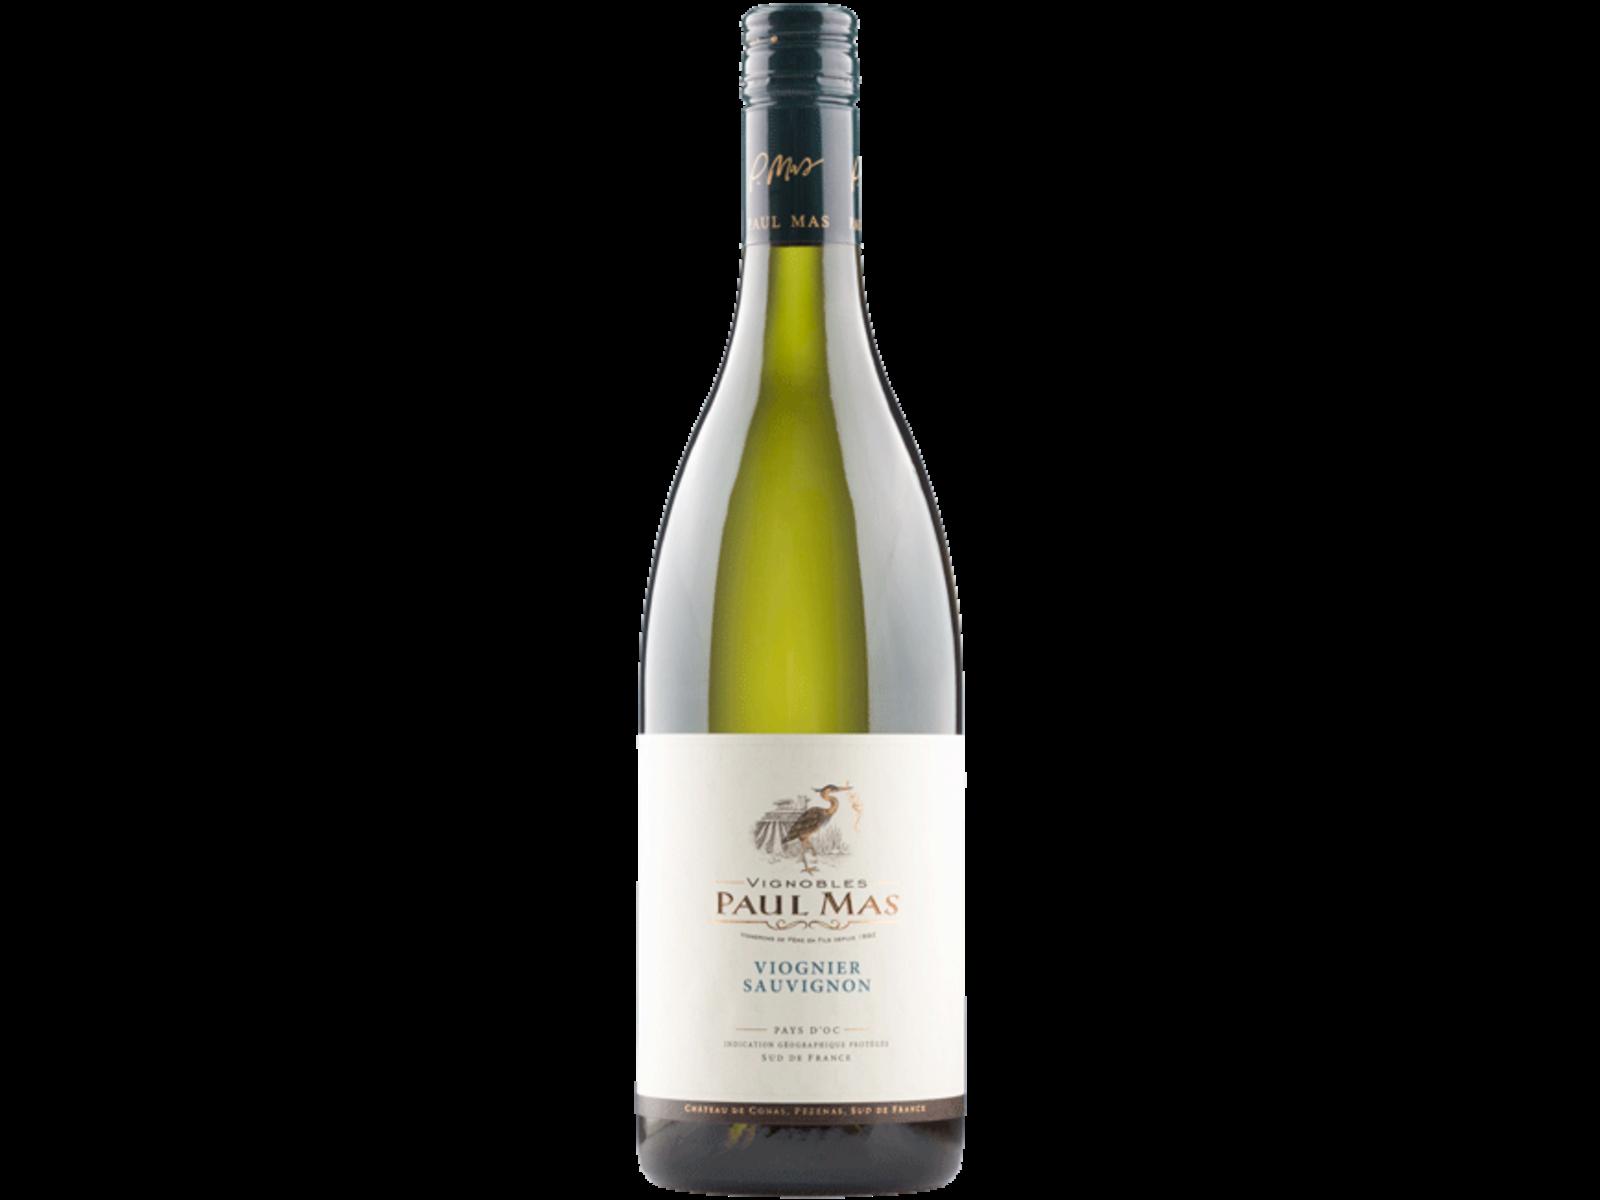 Domaines Paul Mas Paul Mas - Viognier / Sauvignon Blanc IGP